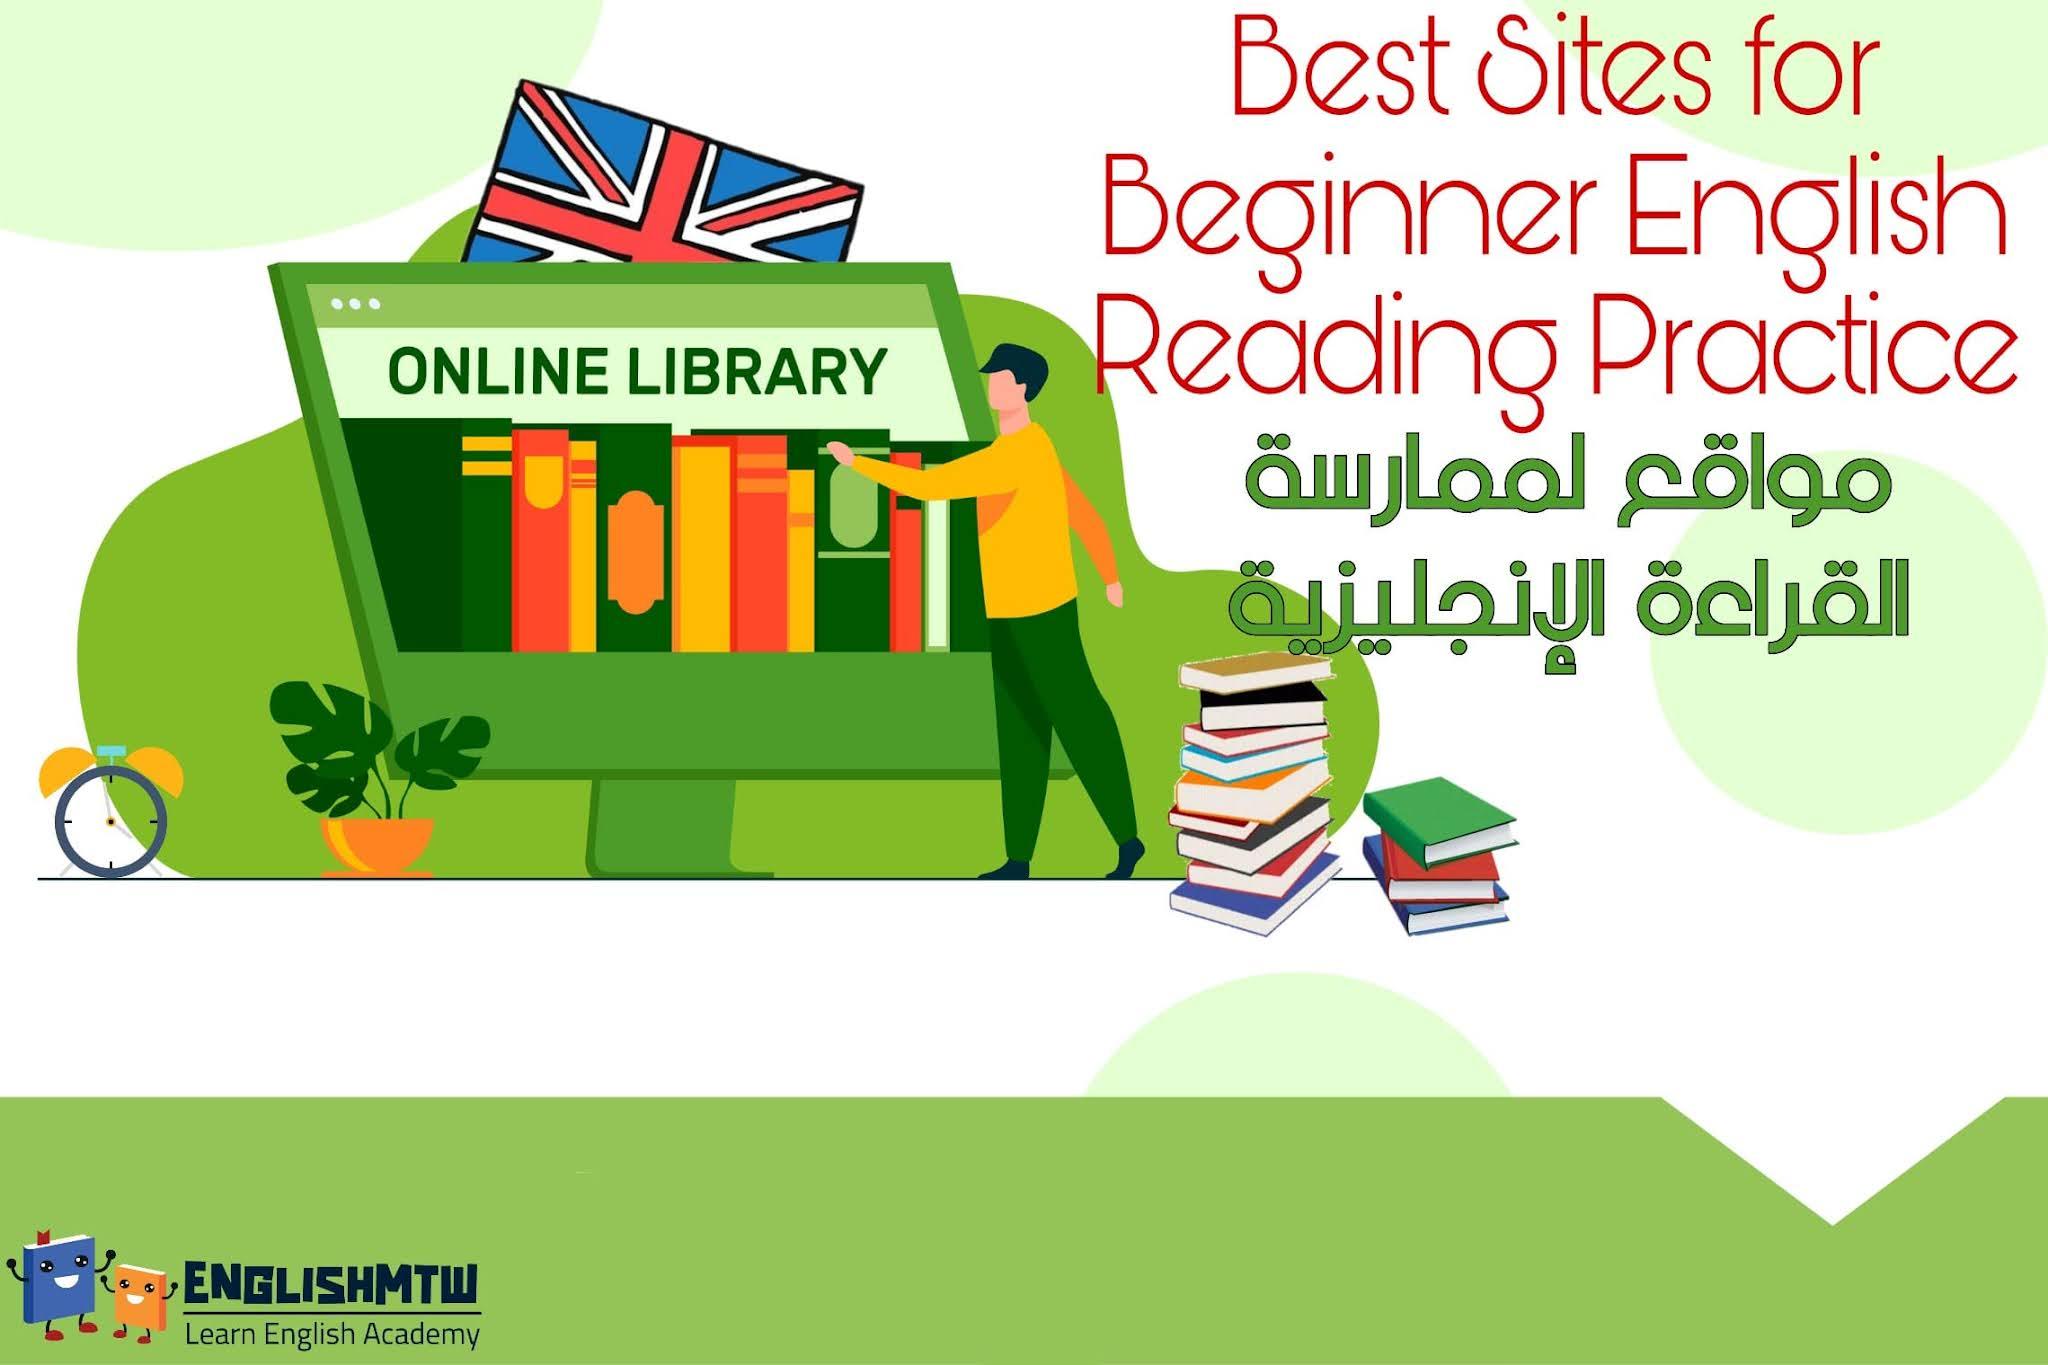 مواقع رائعة لممارسة قراءة اللغة الإنجليزية للمبتدئين مجاناً